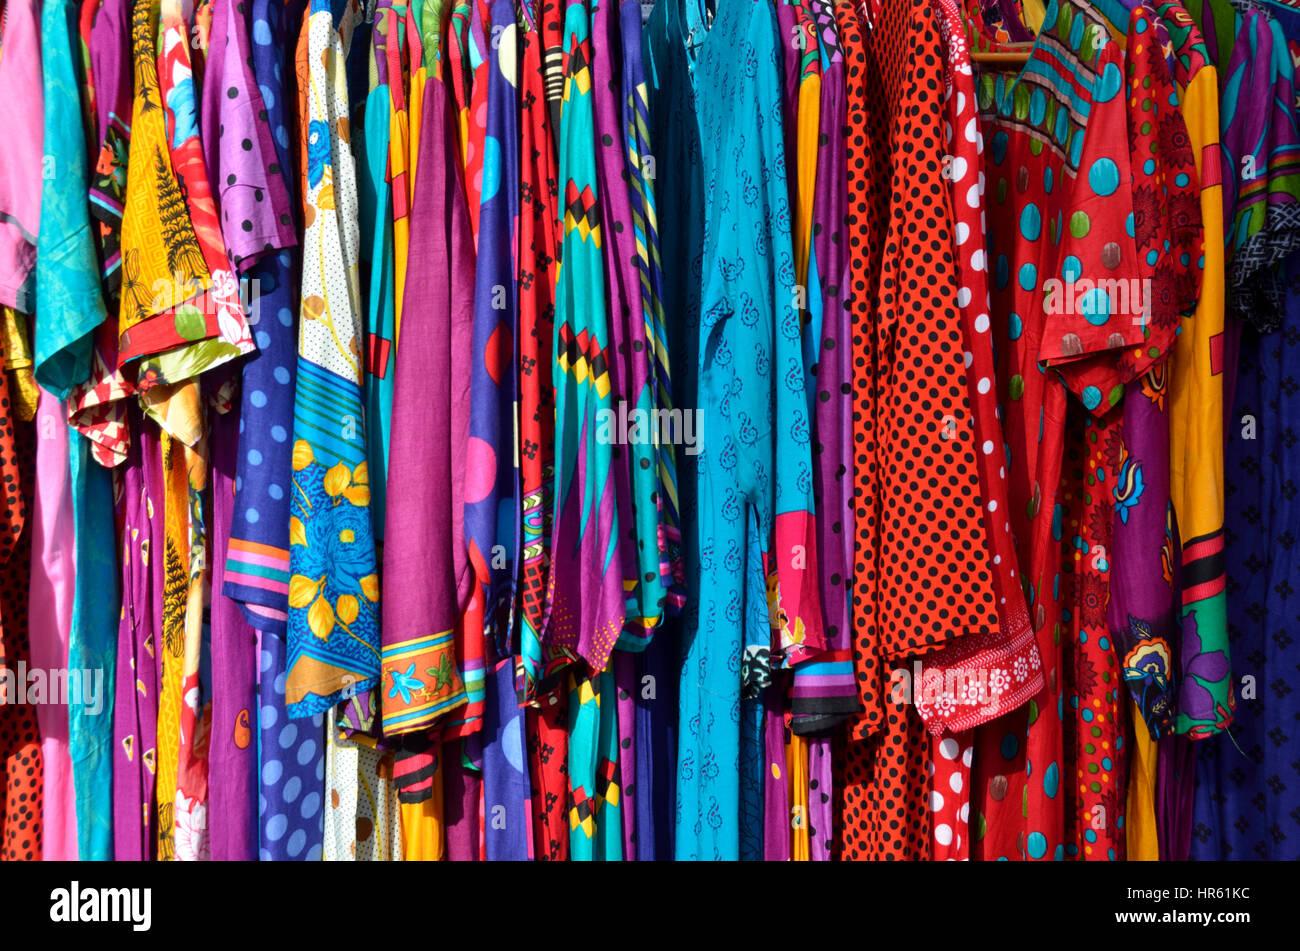 Sari indiani abiti sul display al di fuori di un negozio. Immagini Stock